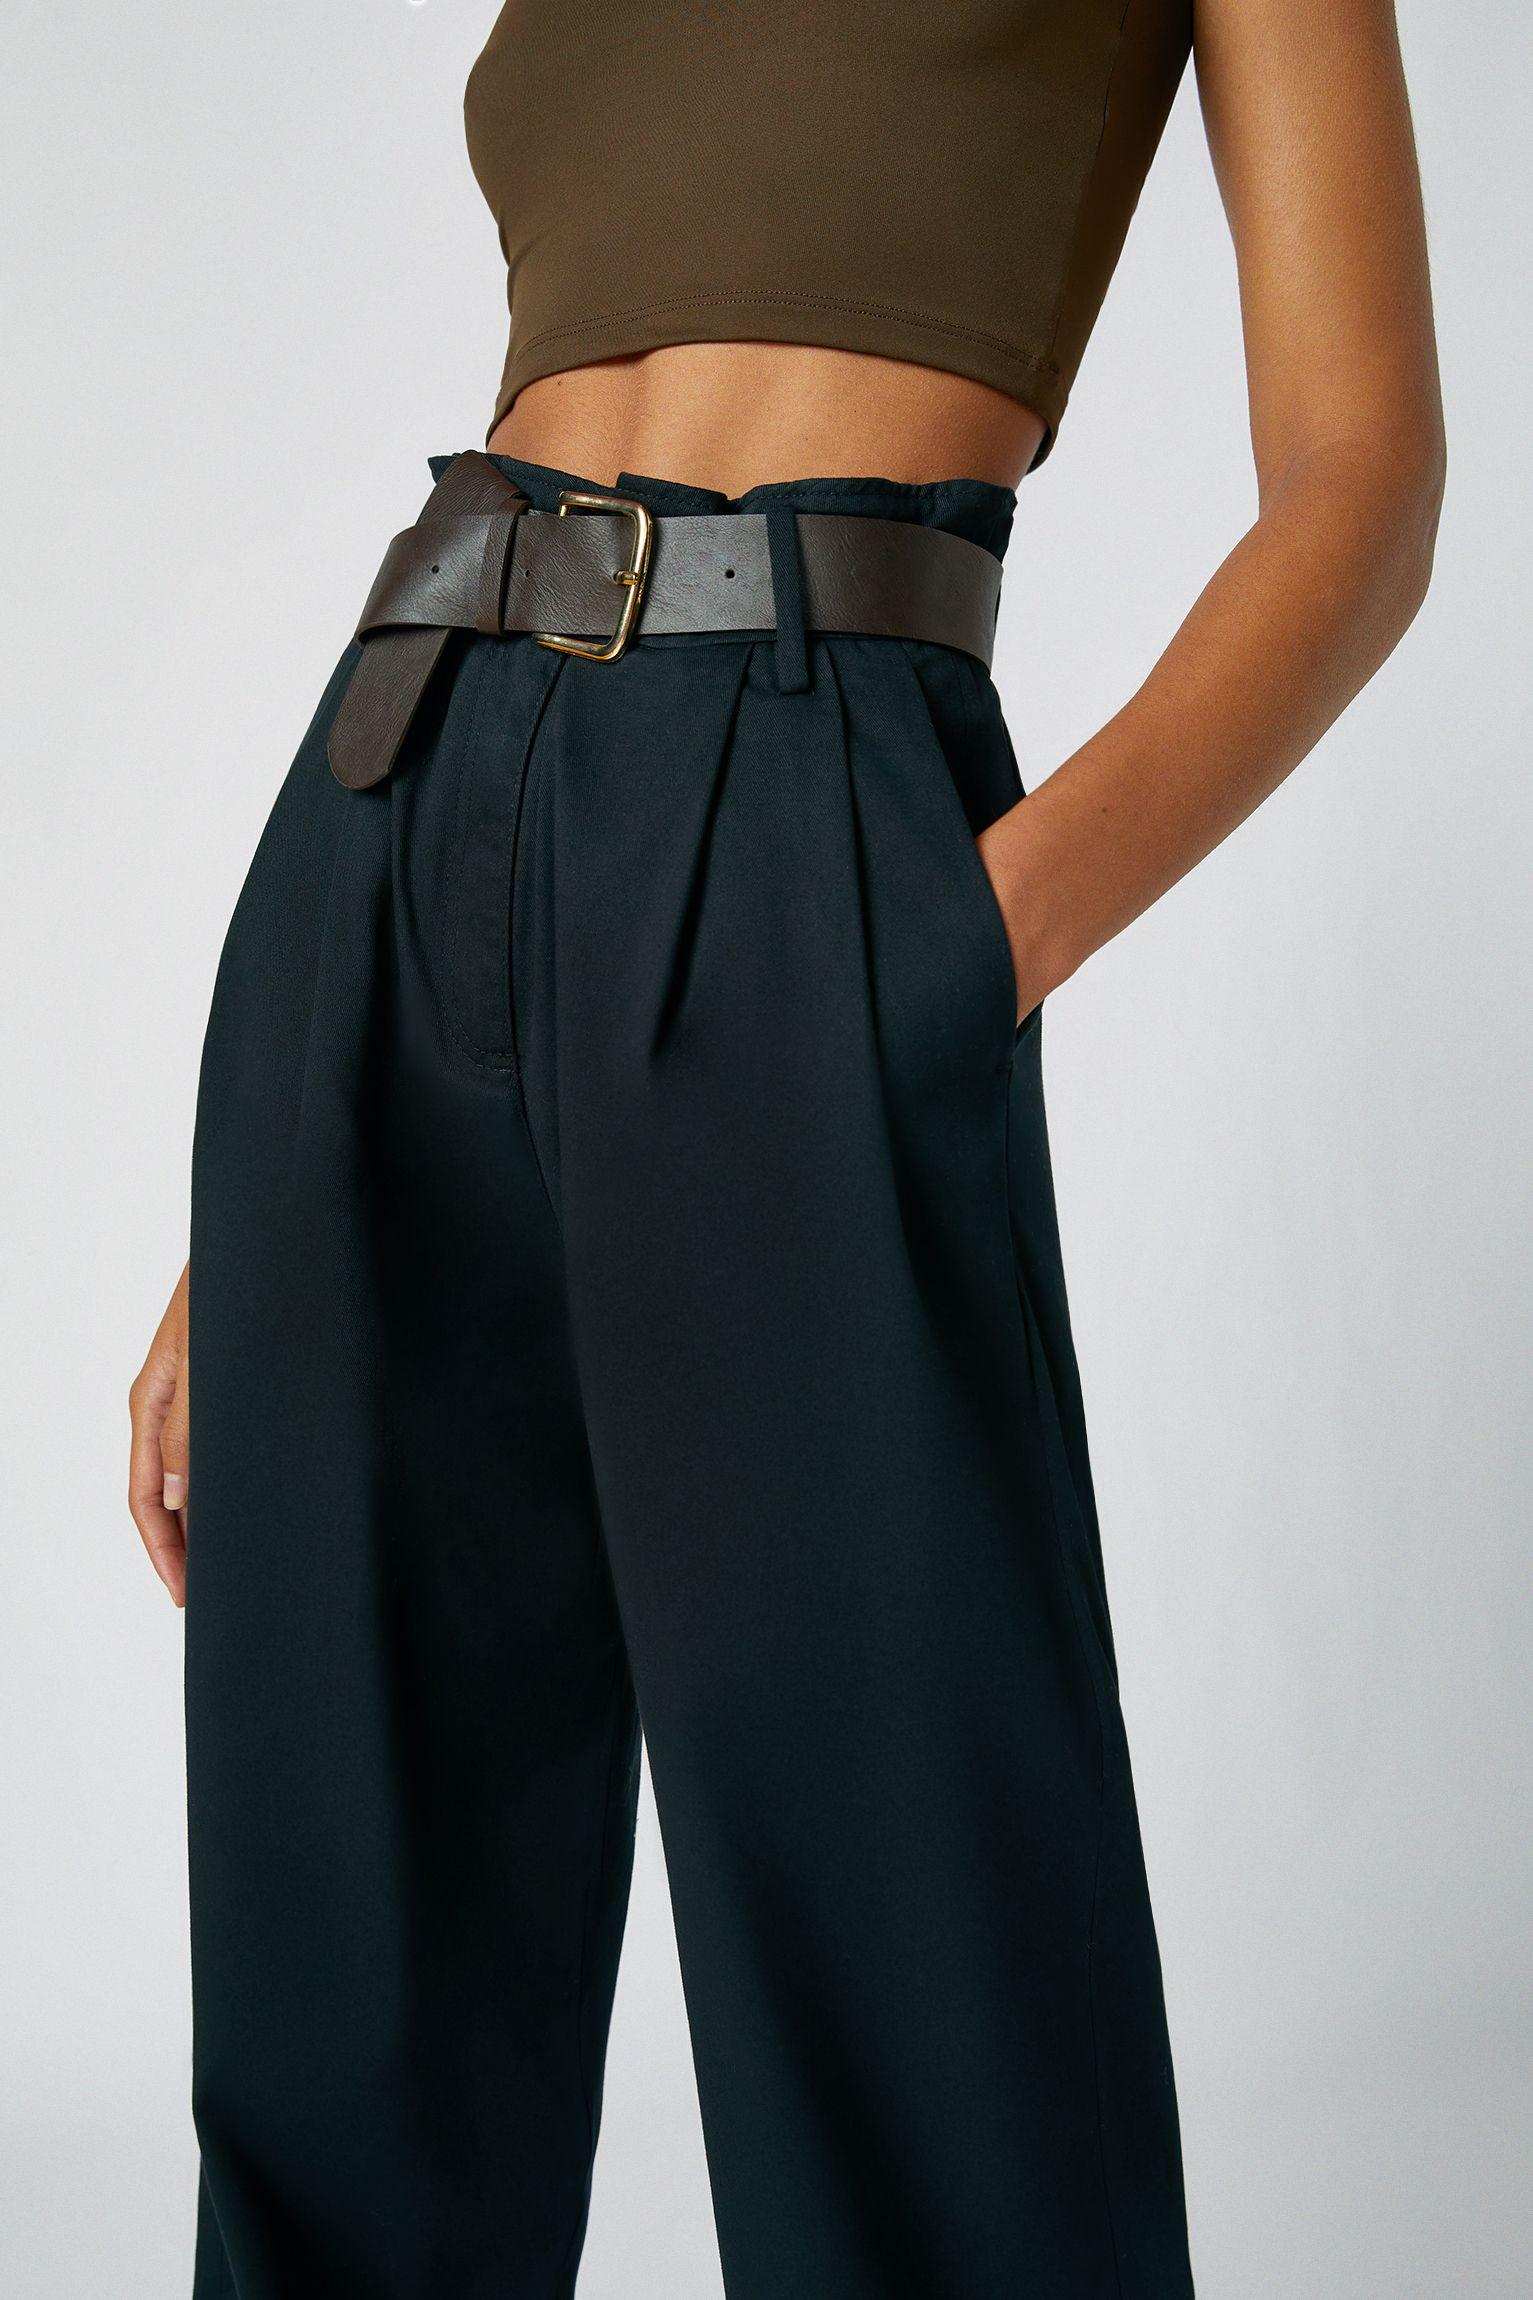 Pull Bear Tiene Un Nuevo Pantalon Ancho De Vestir Espectacular